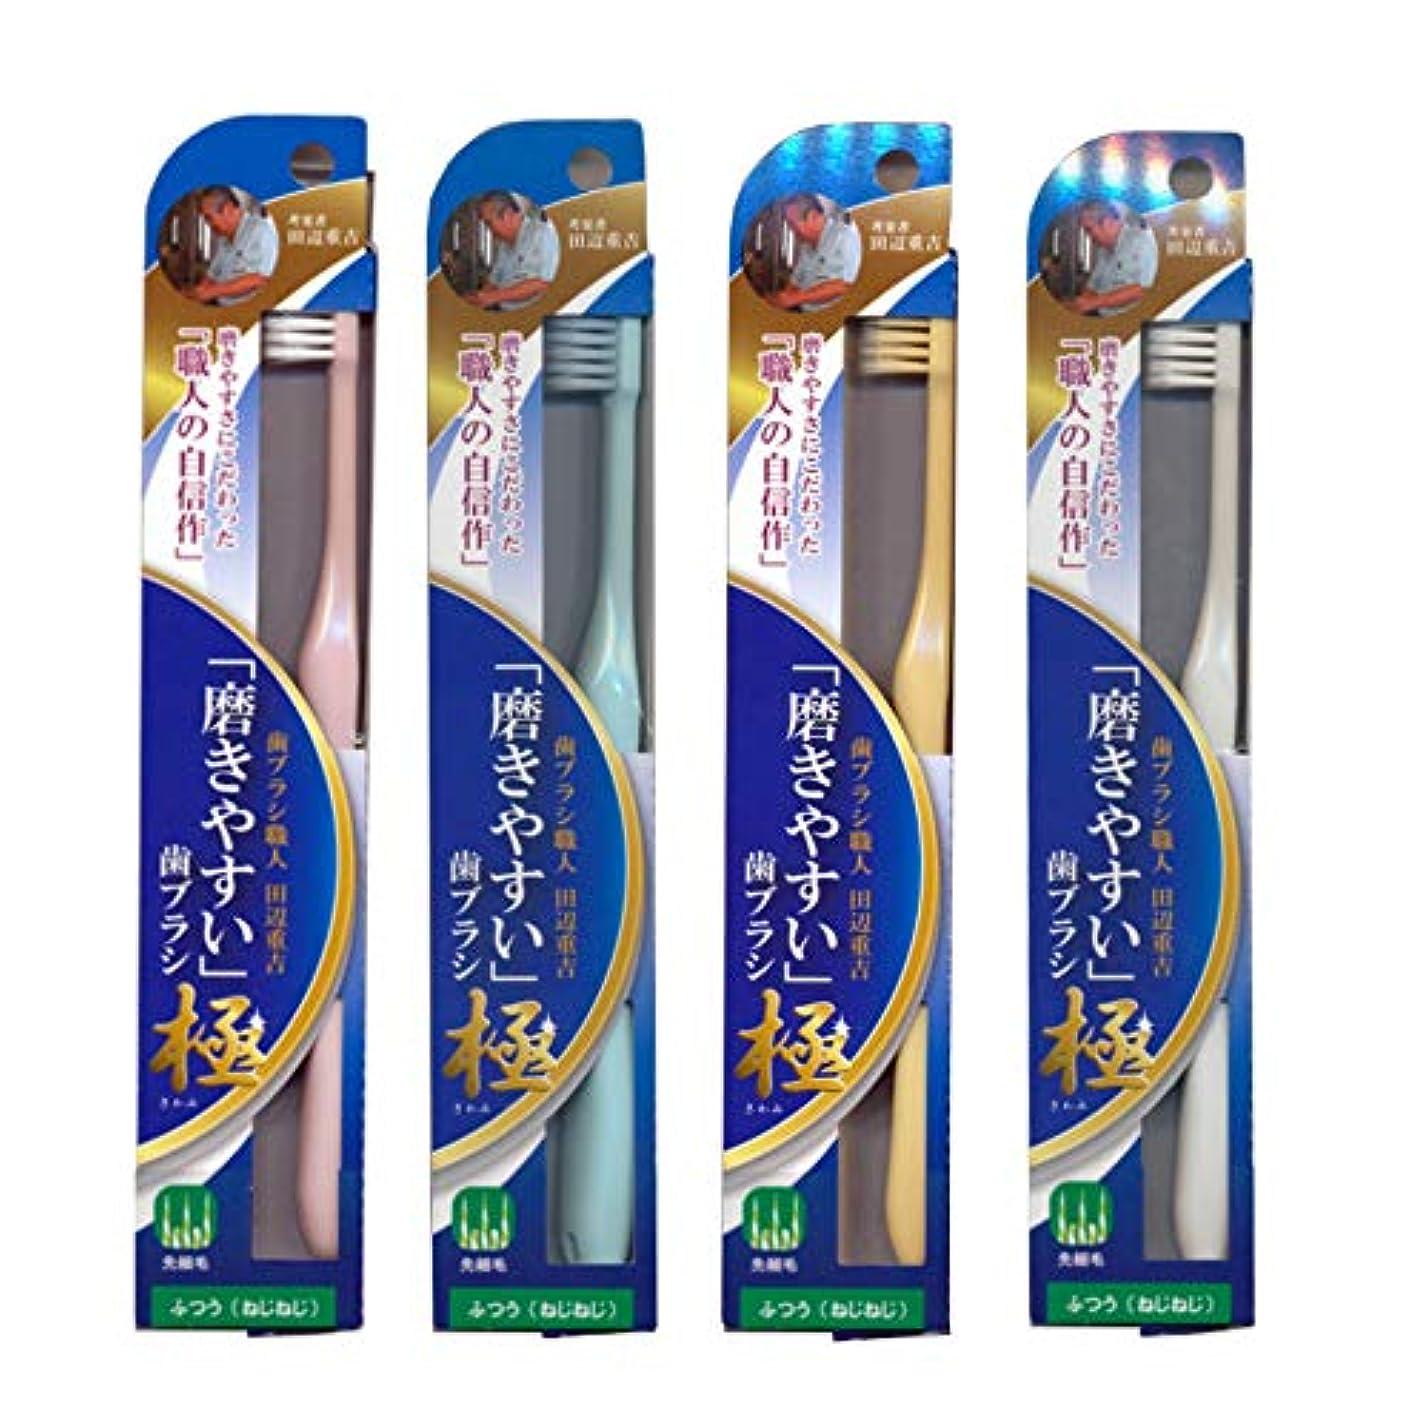 効能ある口述論理的に磨きやすい歯ブラシ極 (ふつう ねじねじ) LT-45×12本セット(ピンク×3、ブルー×3、ホワイト×3、イエロー×3) 先細毛